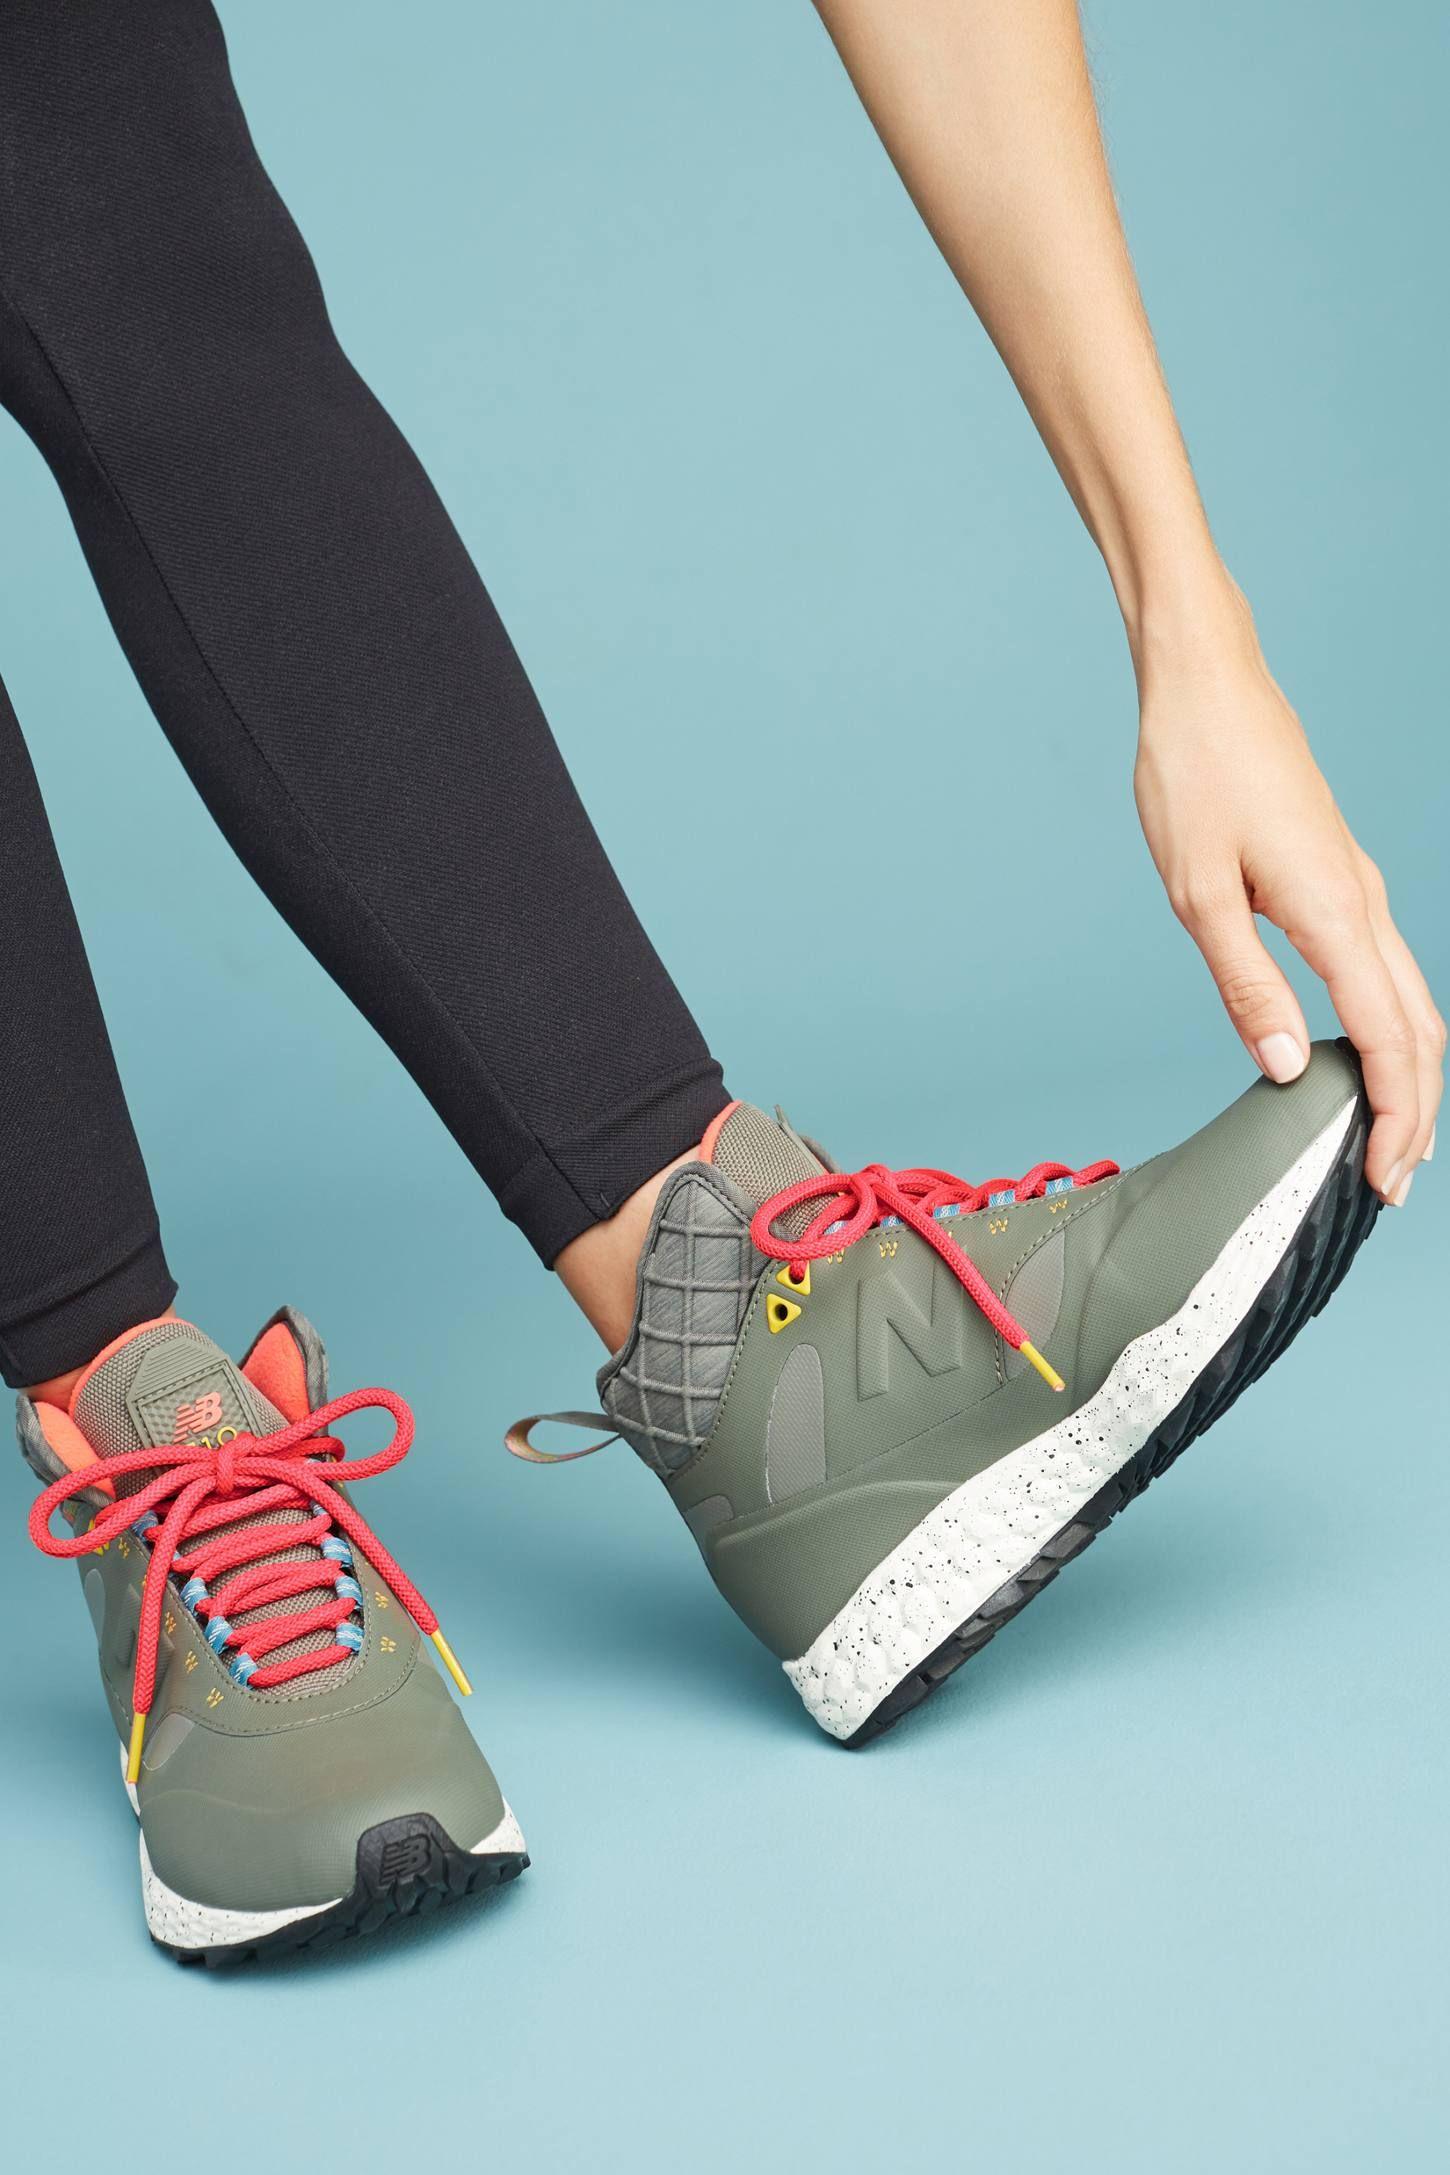 New Balance Waterproof Hiking Sneakers Hiking sneakers